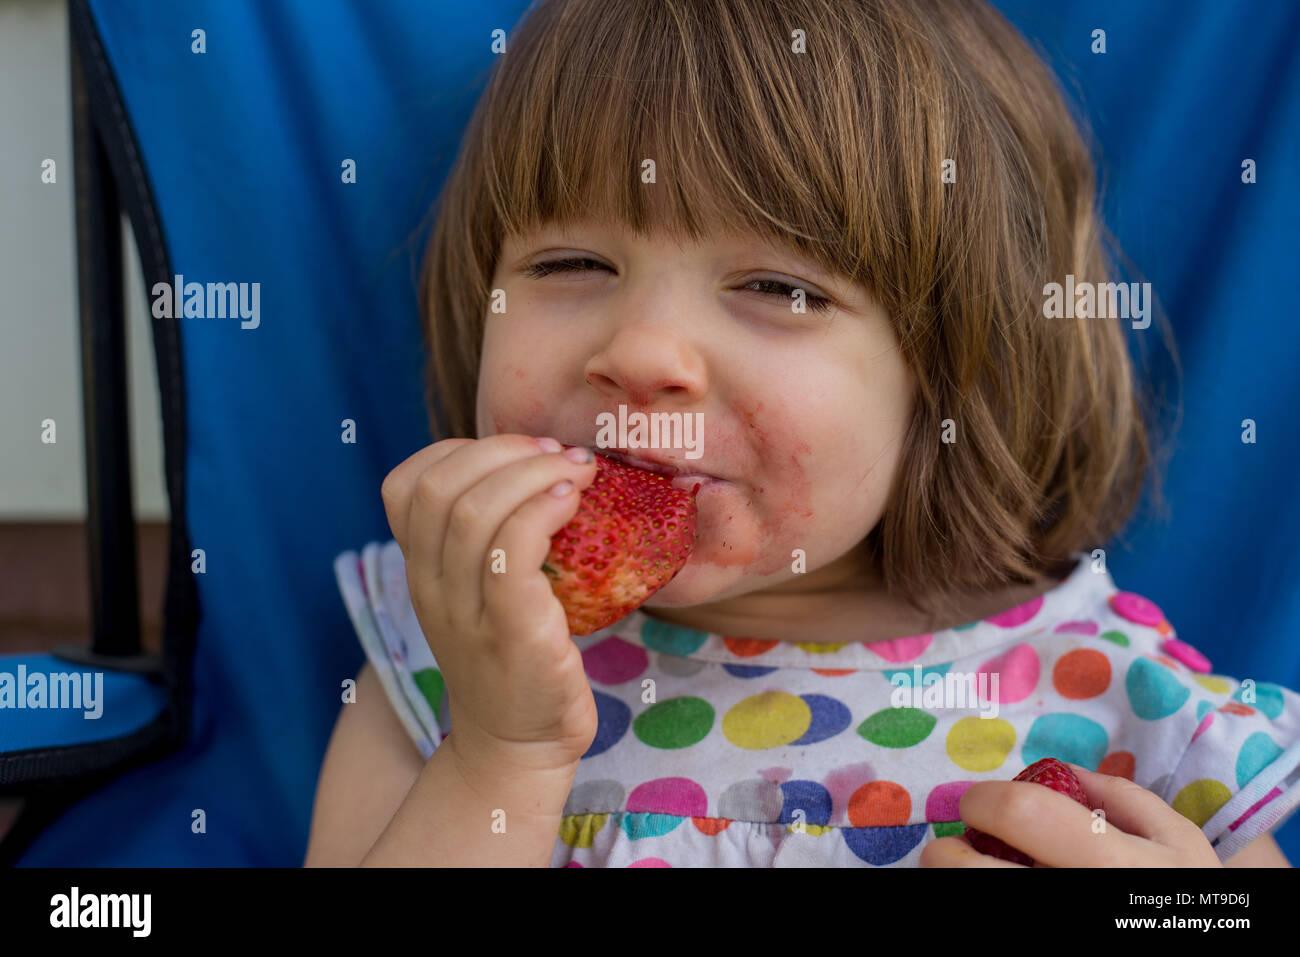 Uma criança de 3 anos de idade come um morango. Imagens de Stock